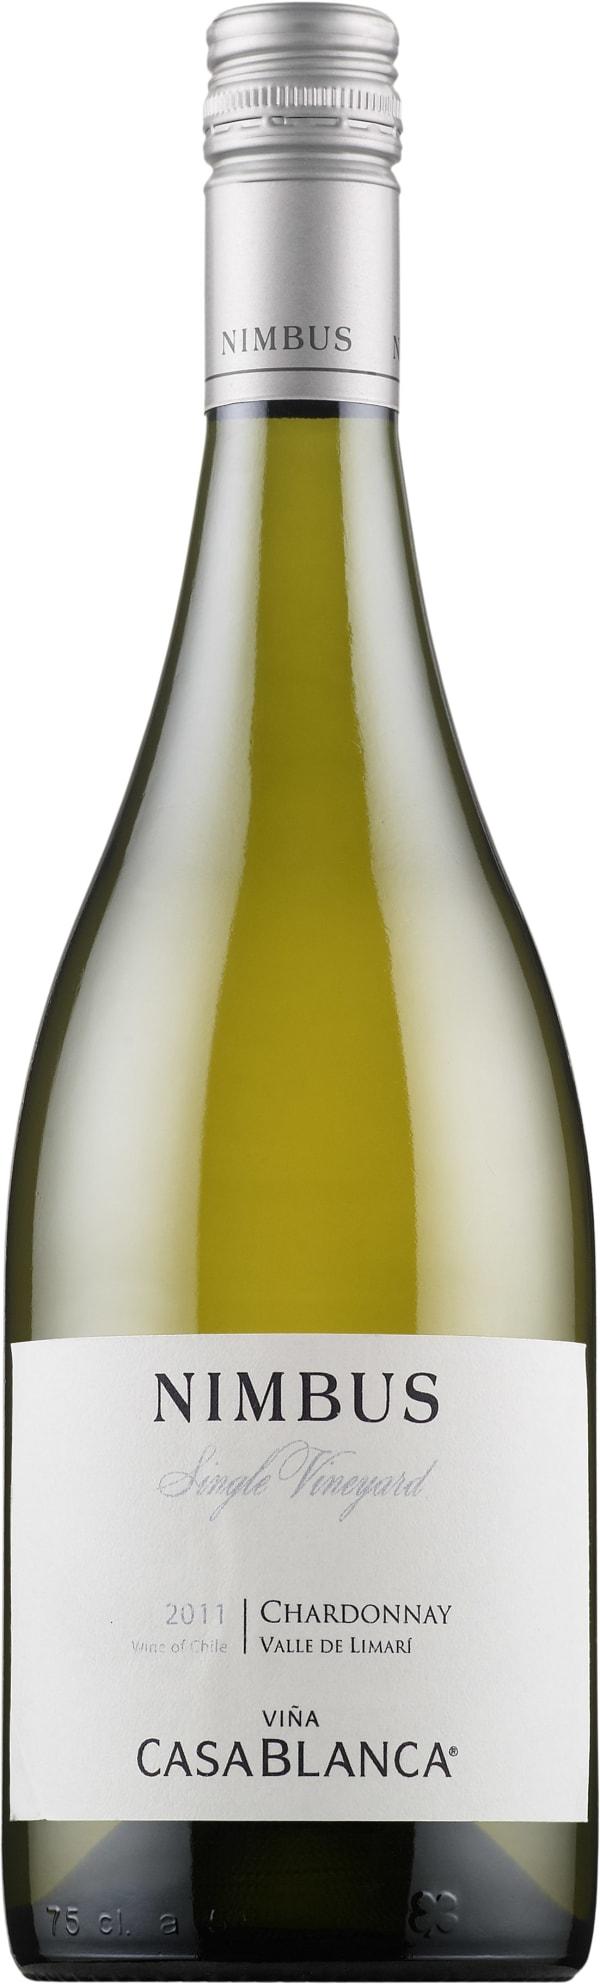 Nimbus Single Vineyard Chardonnay 2015